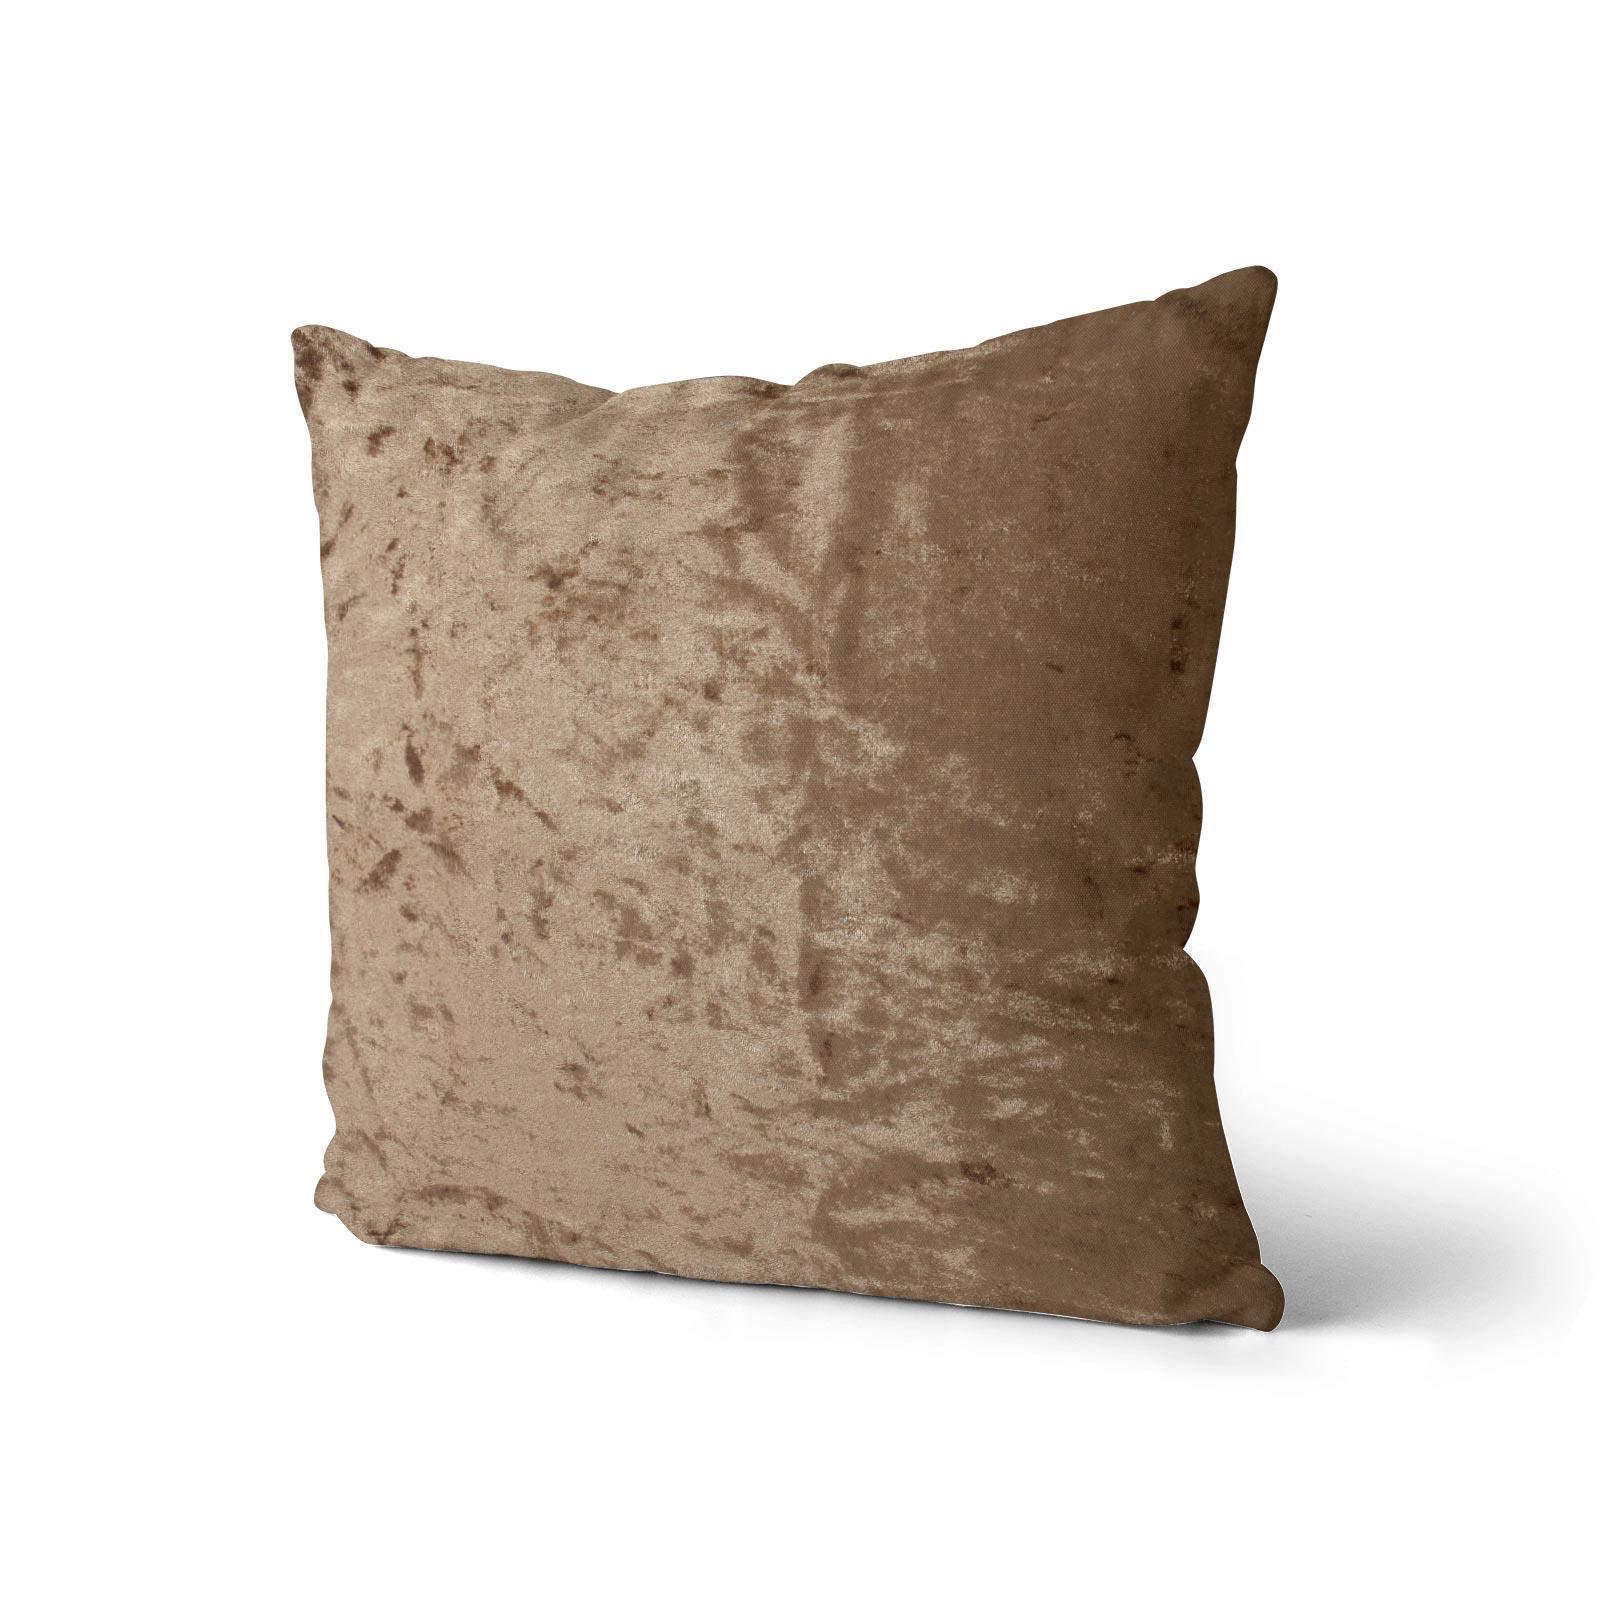 Cuscino-di-velluto-schiacciato-copre-GLAM-Tinta-Unita-Copricuscino-18-034-x-18-034-45cm-x-45cm miniatura 35